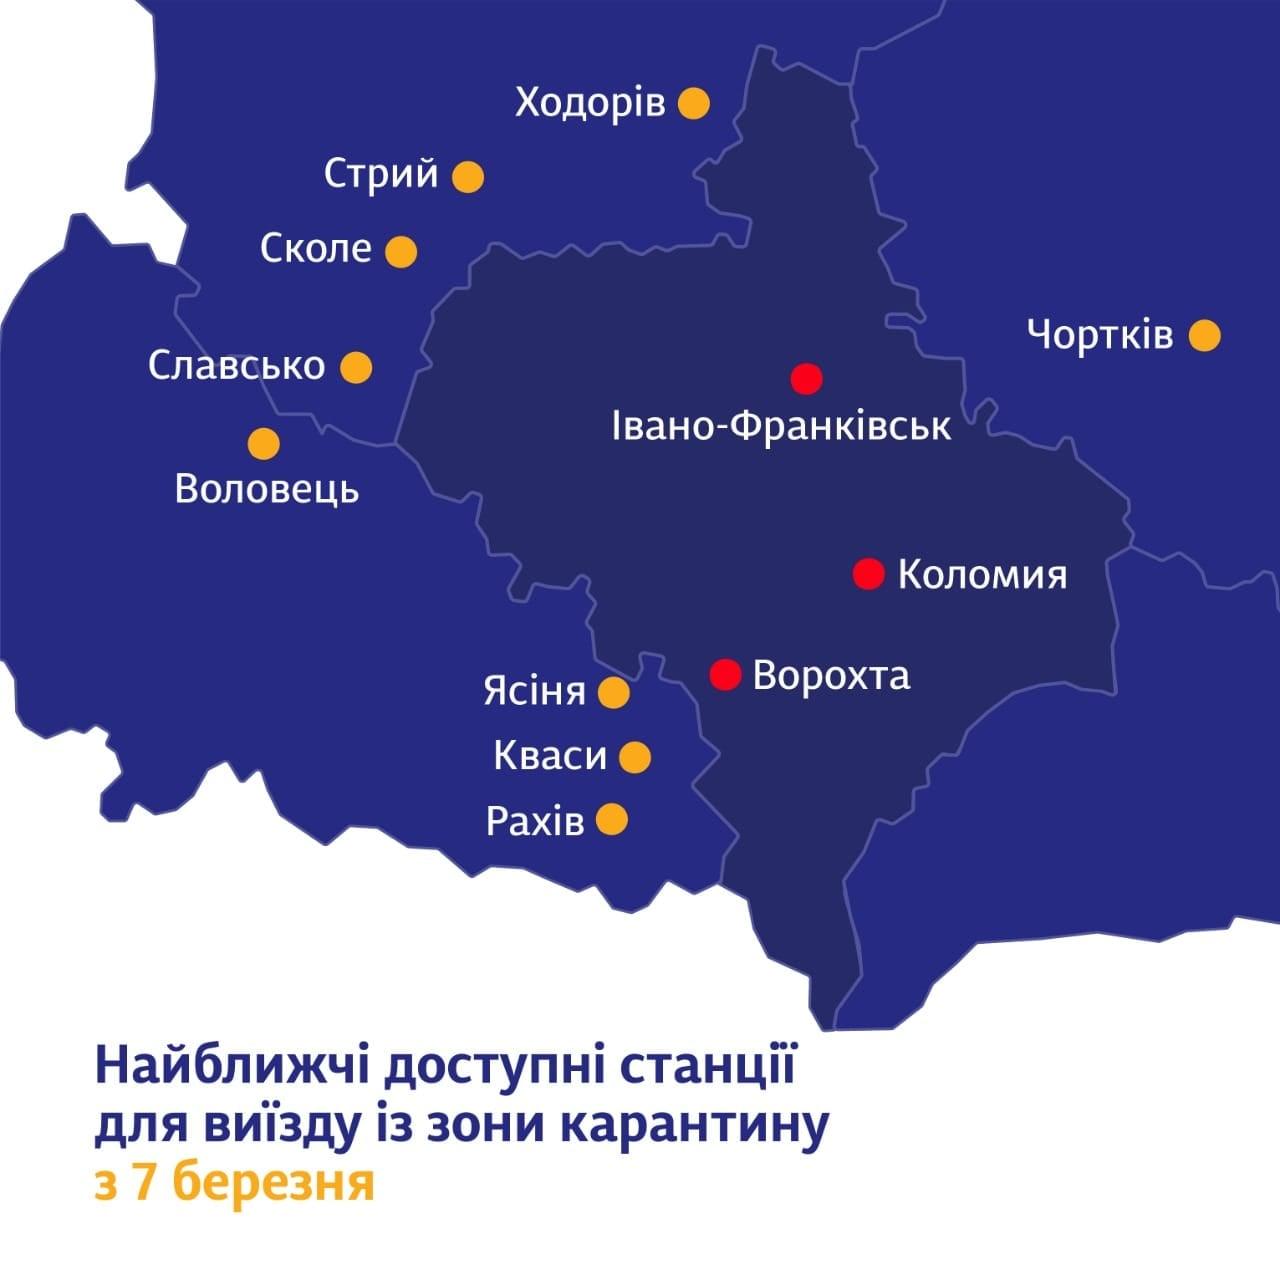 """В Укрзализныце нашли способ добраться до """"красной зоны"""" карантина: список поездов"""